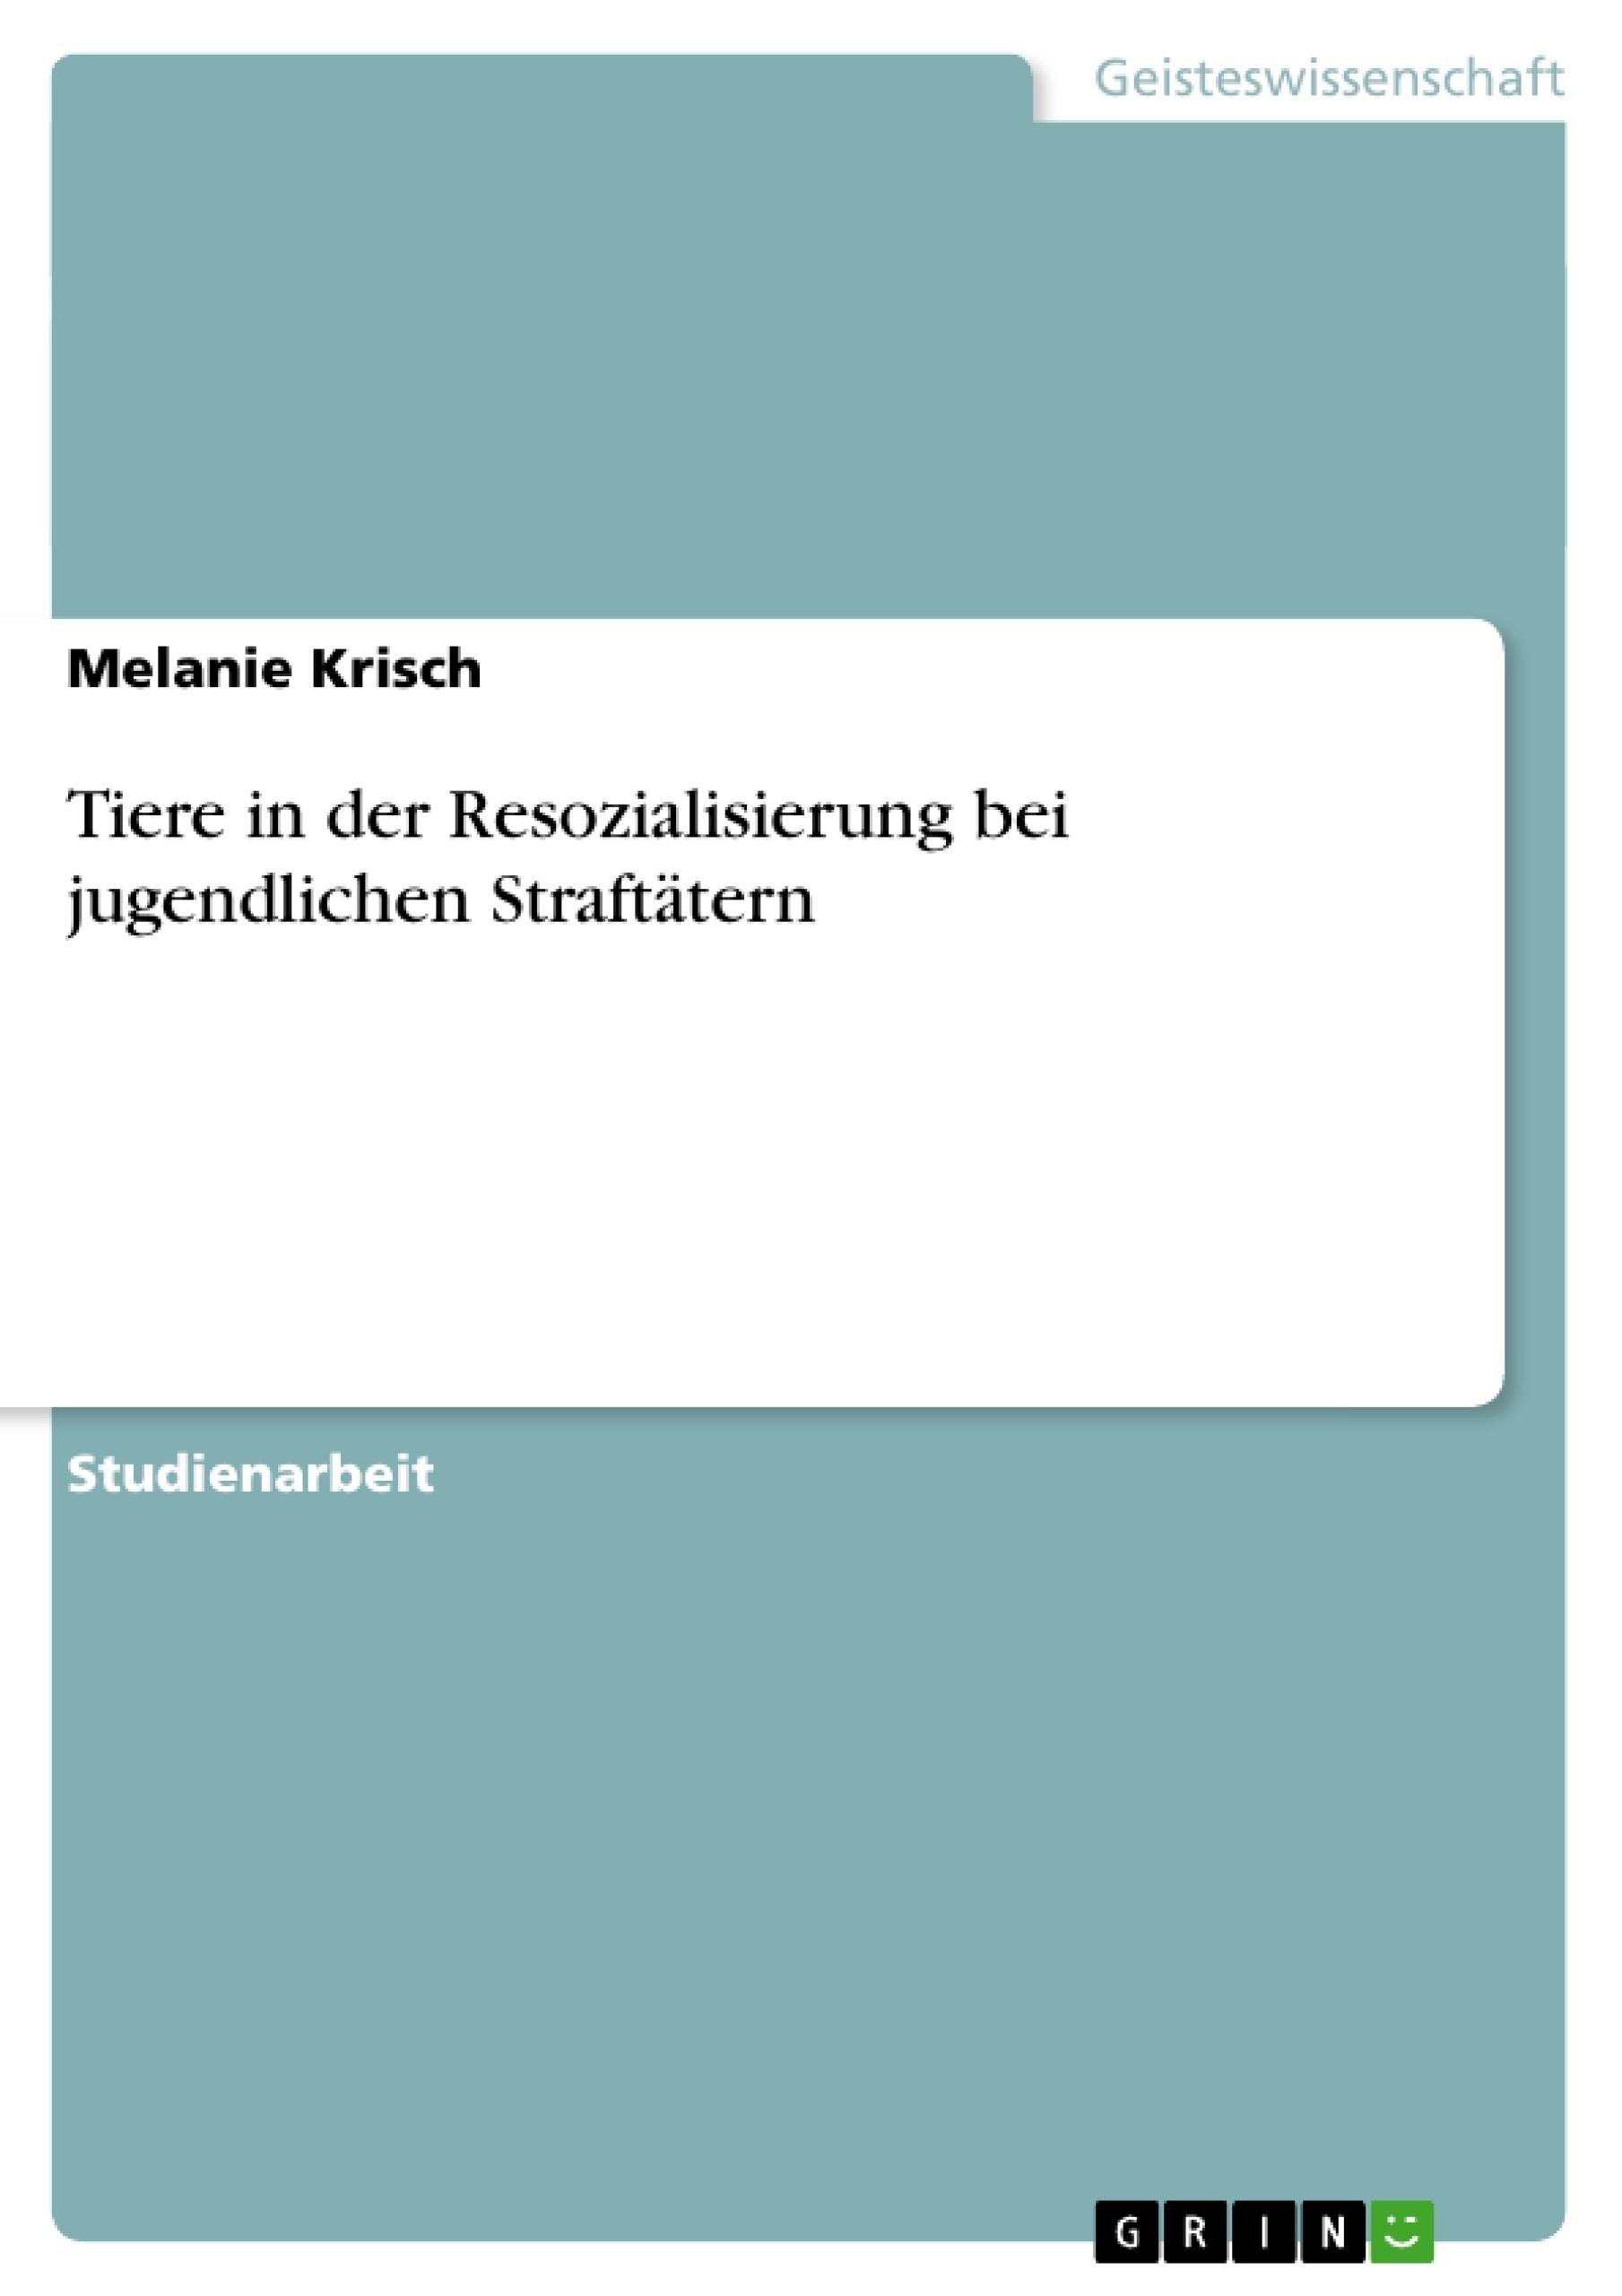 Titel: Tiere in der Resozialisierung bei jugendlichen Straftätern